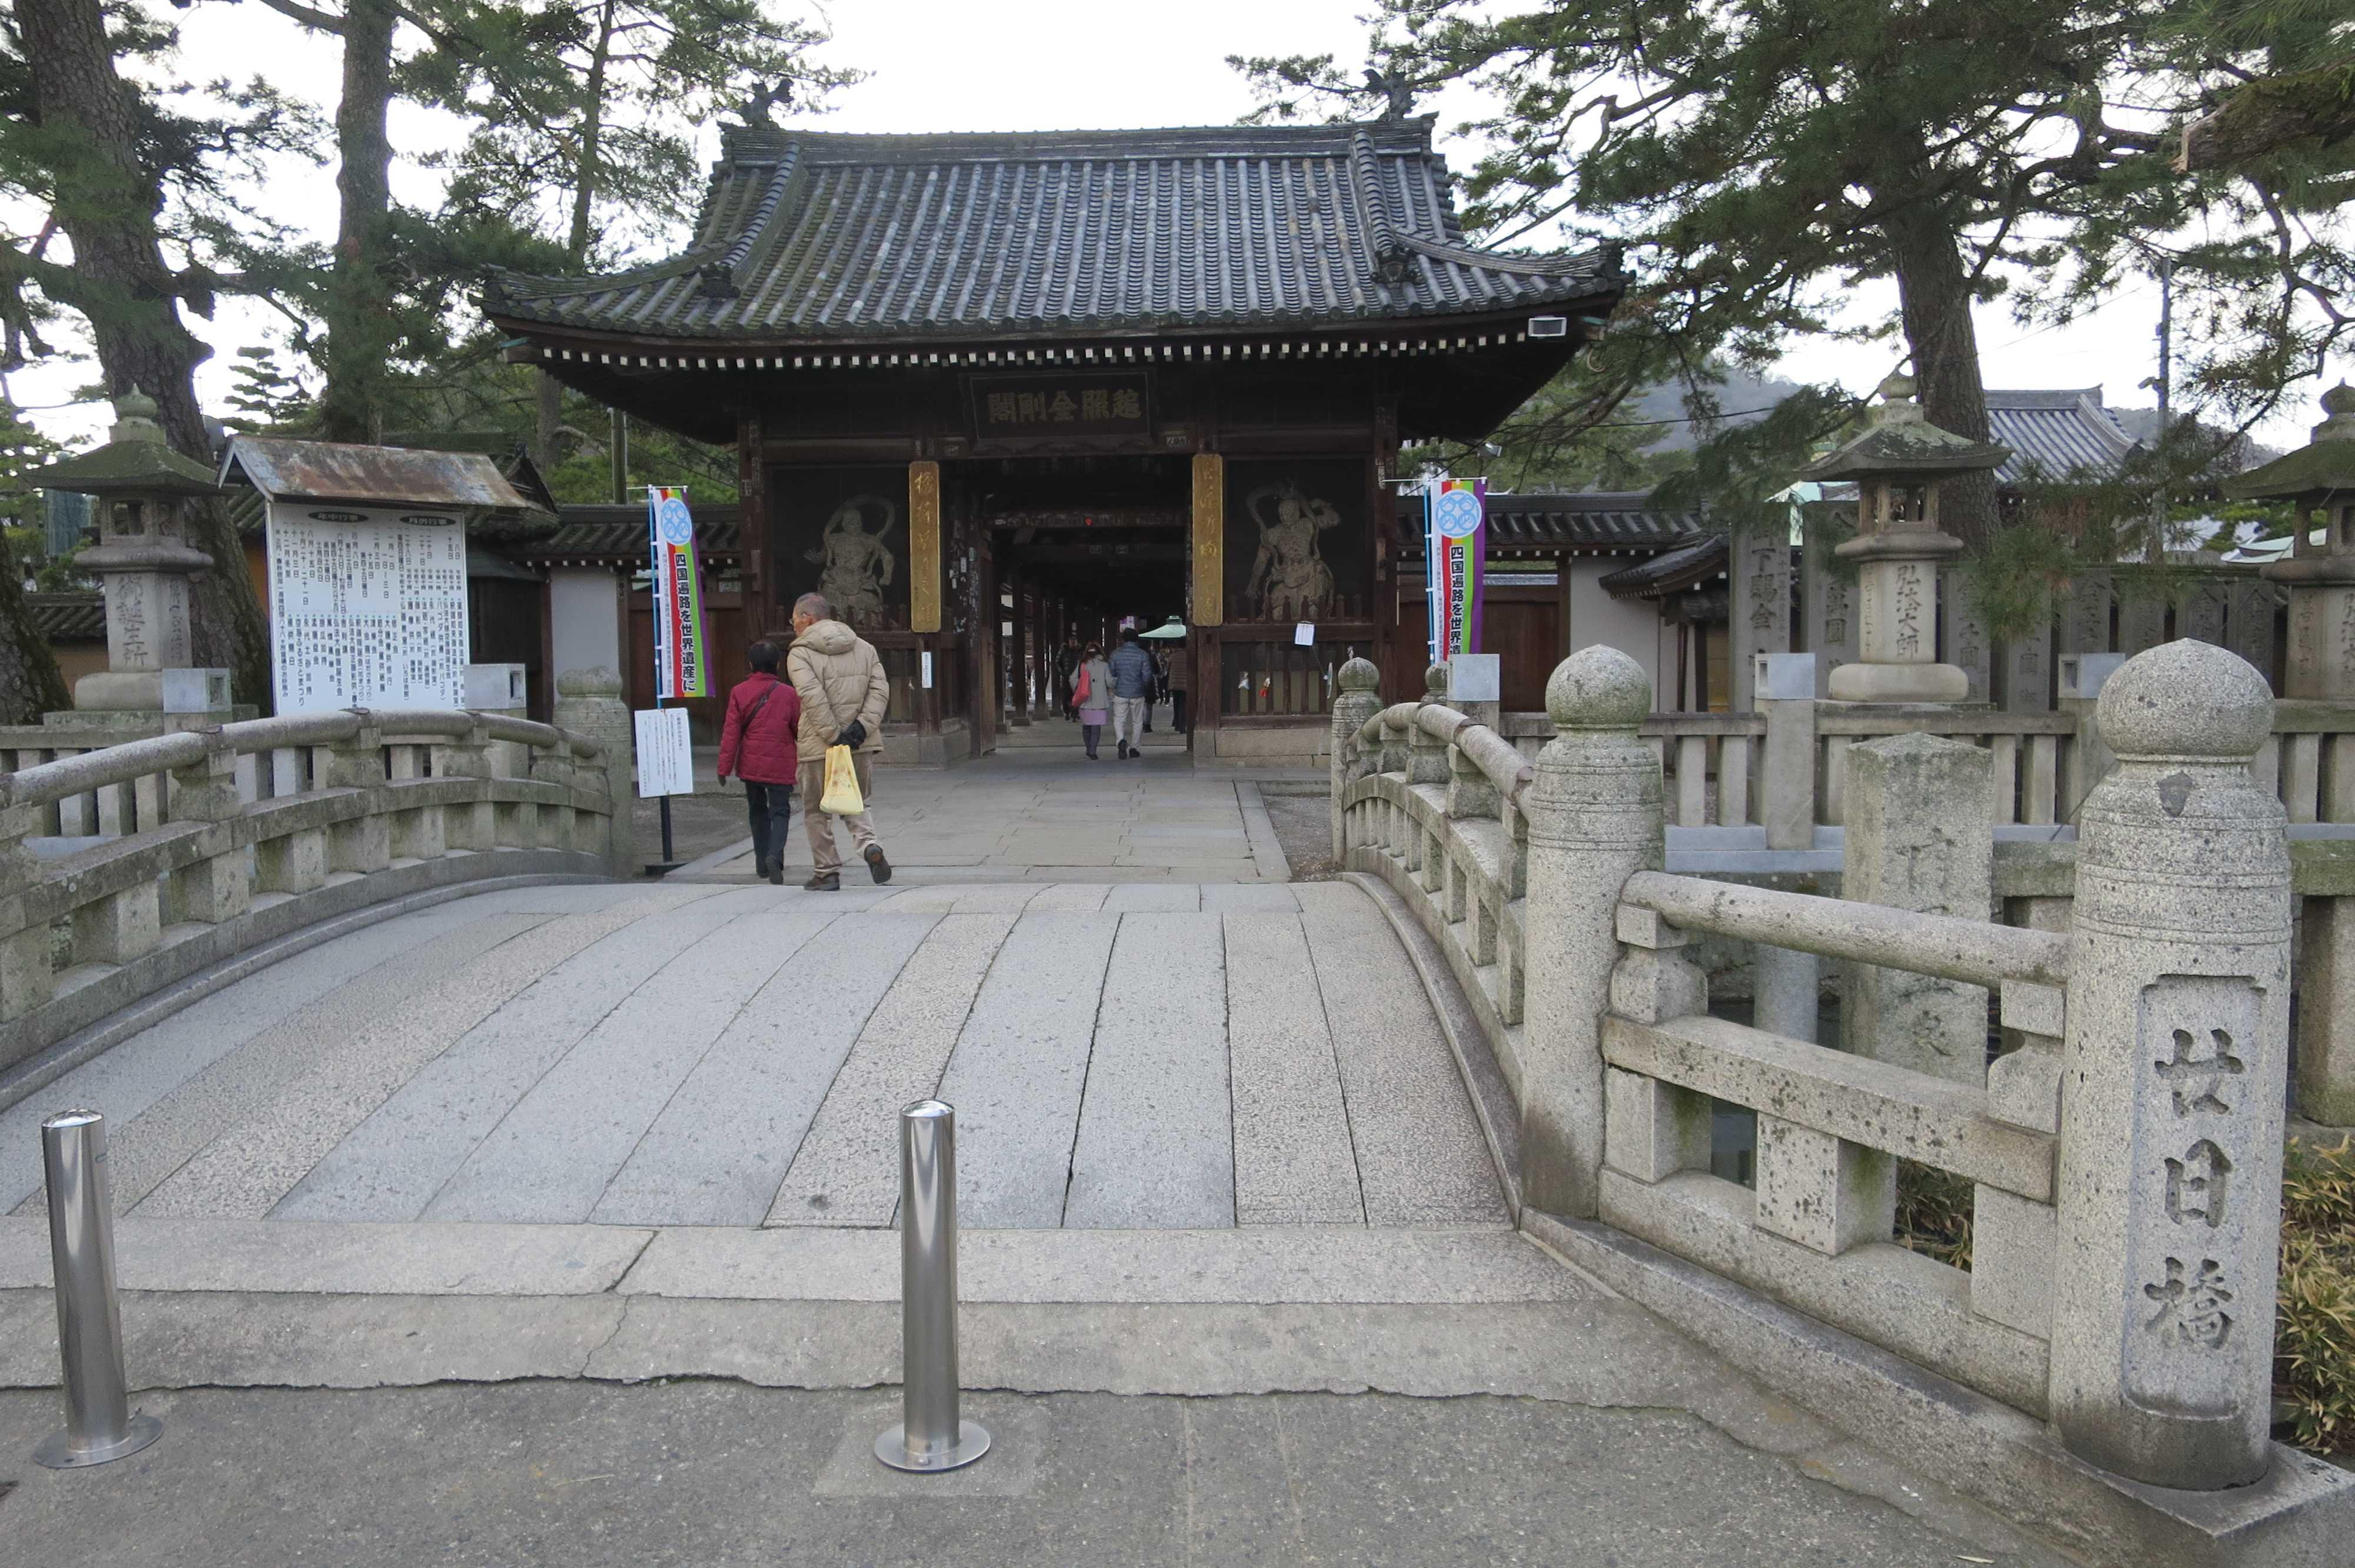 善通寺 - 廿日橋から臨んだ西院の仁王門